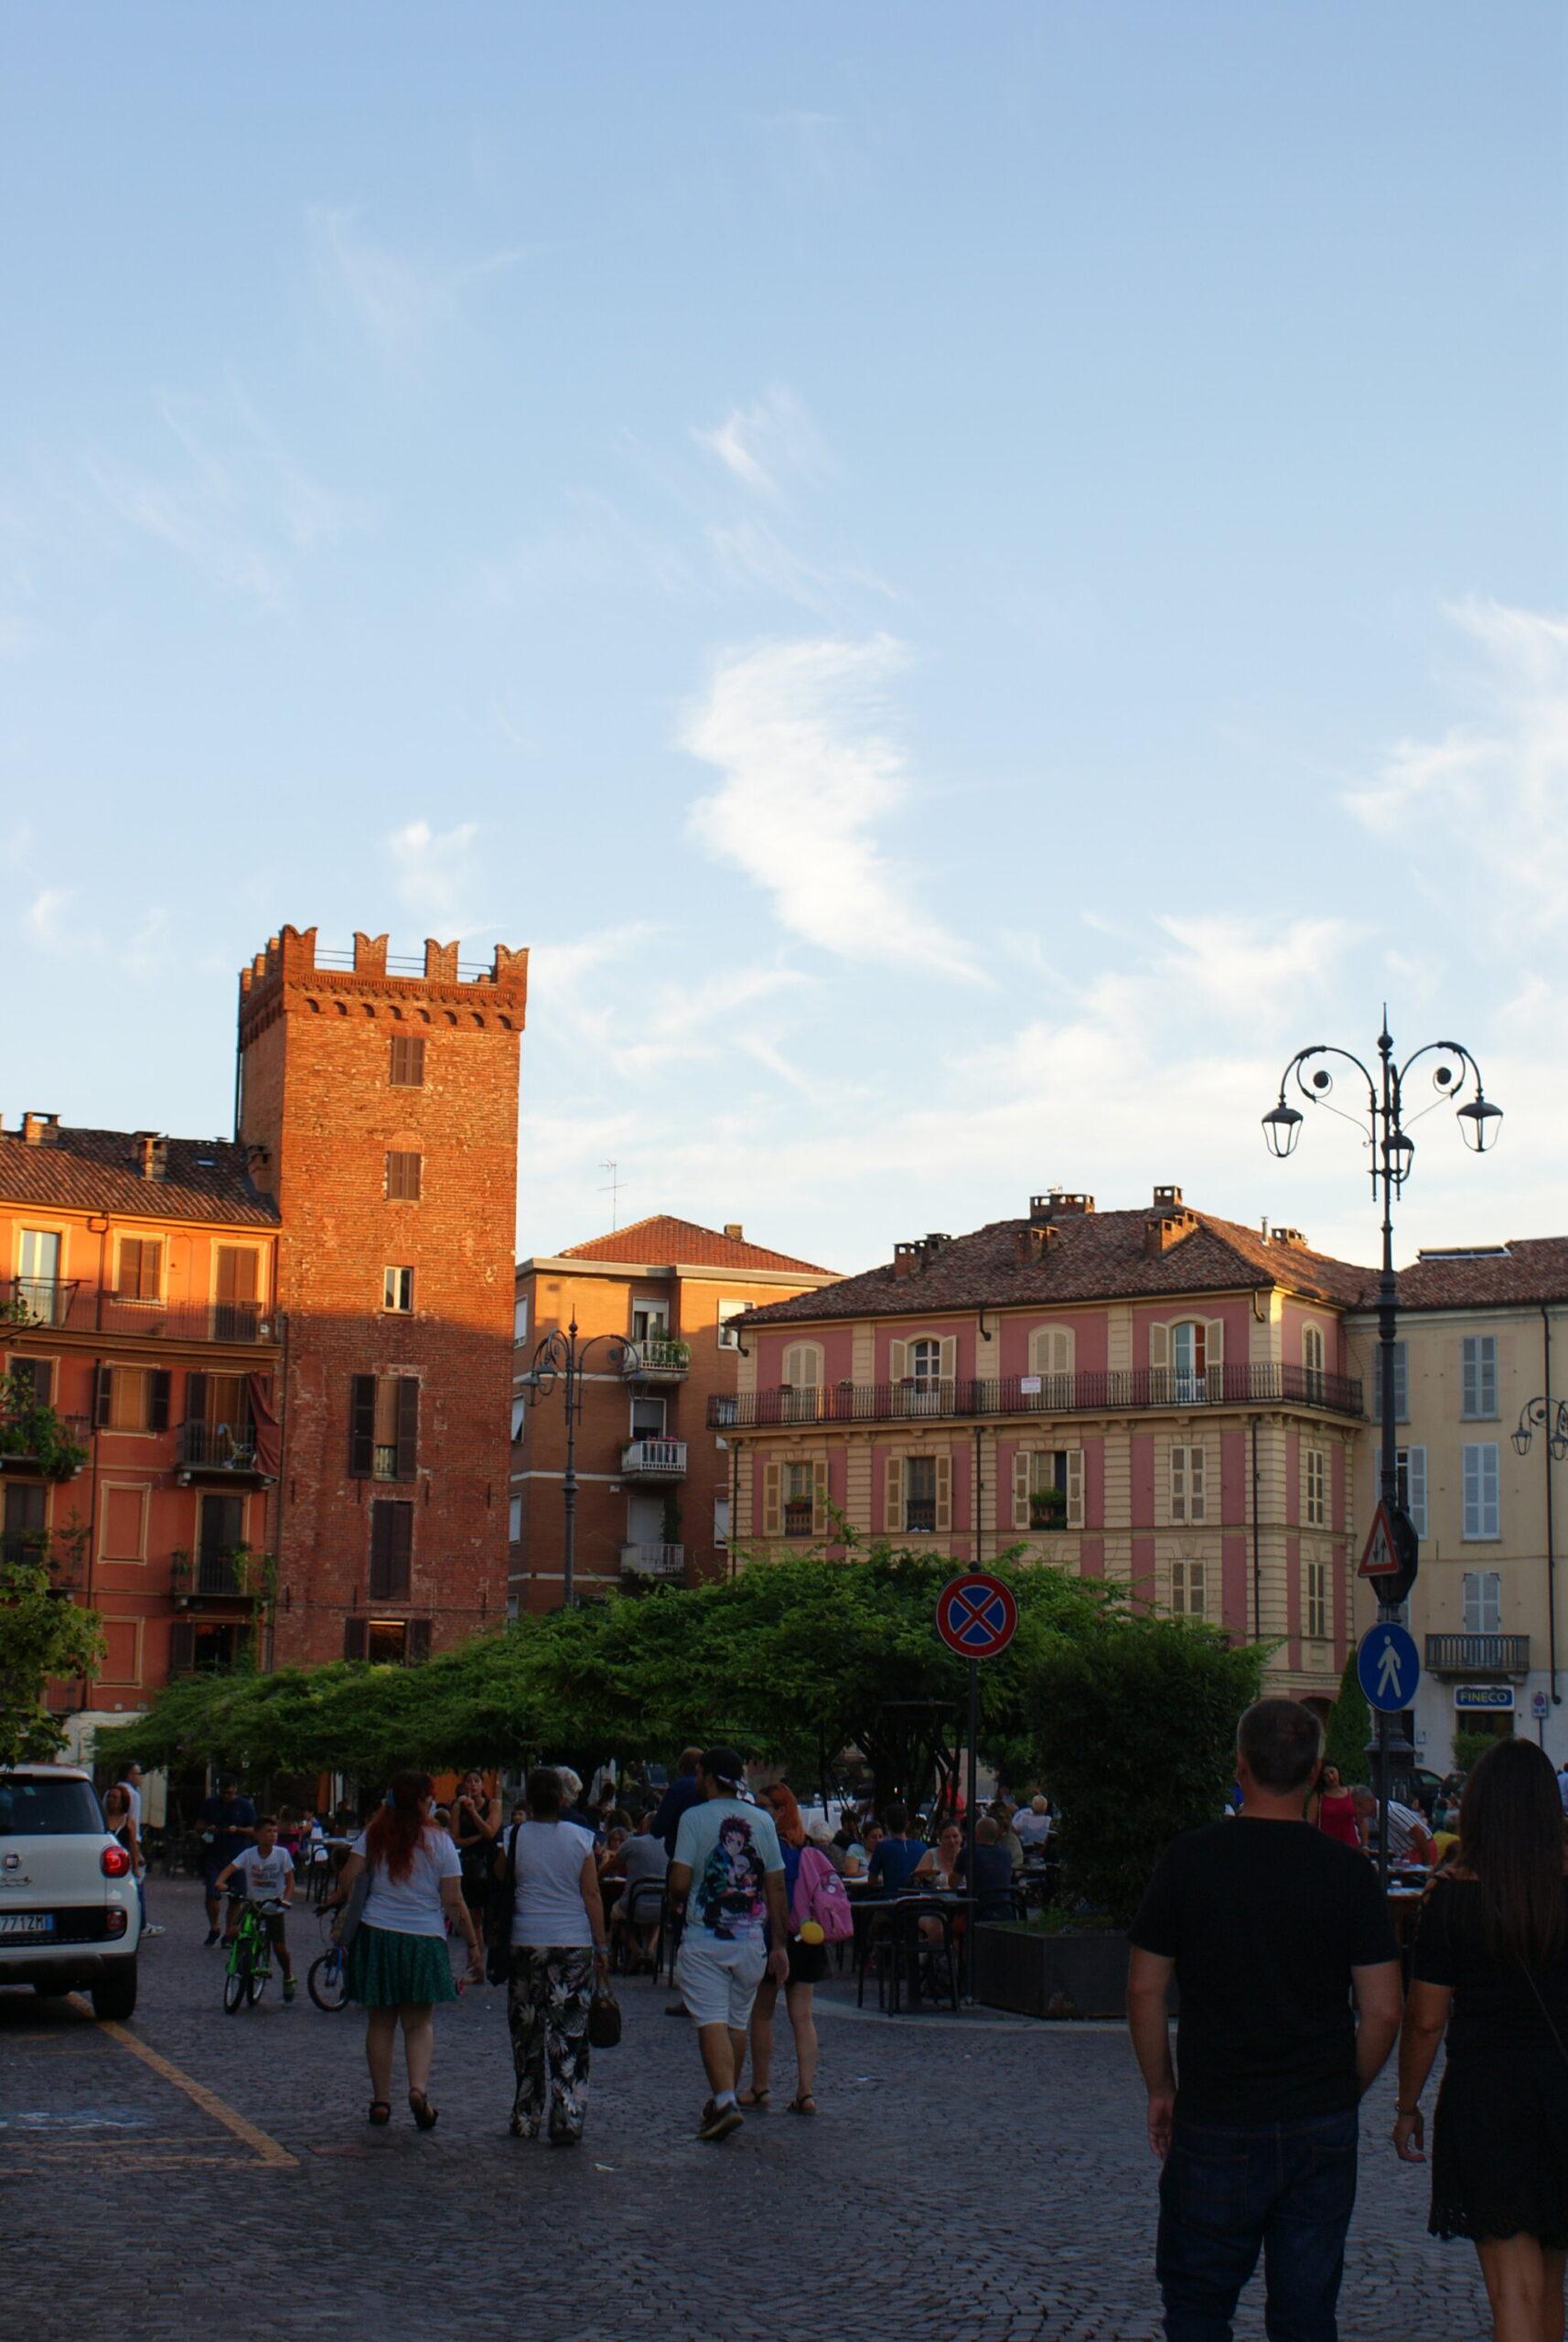 monferrato travel guide piemonte italy piedmont tips eat see do guida viaggio vedere mangiare fare turismo tourism trip francinesplaceblog asti